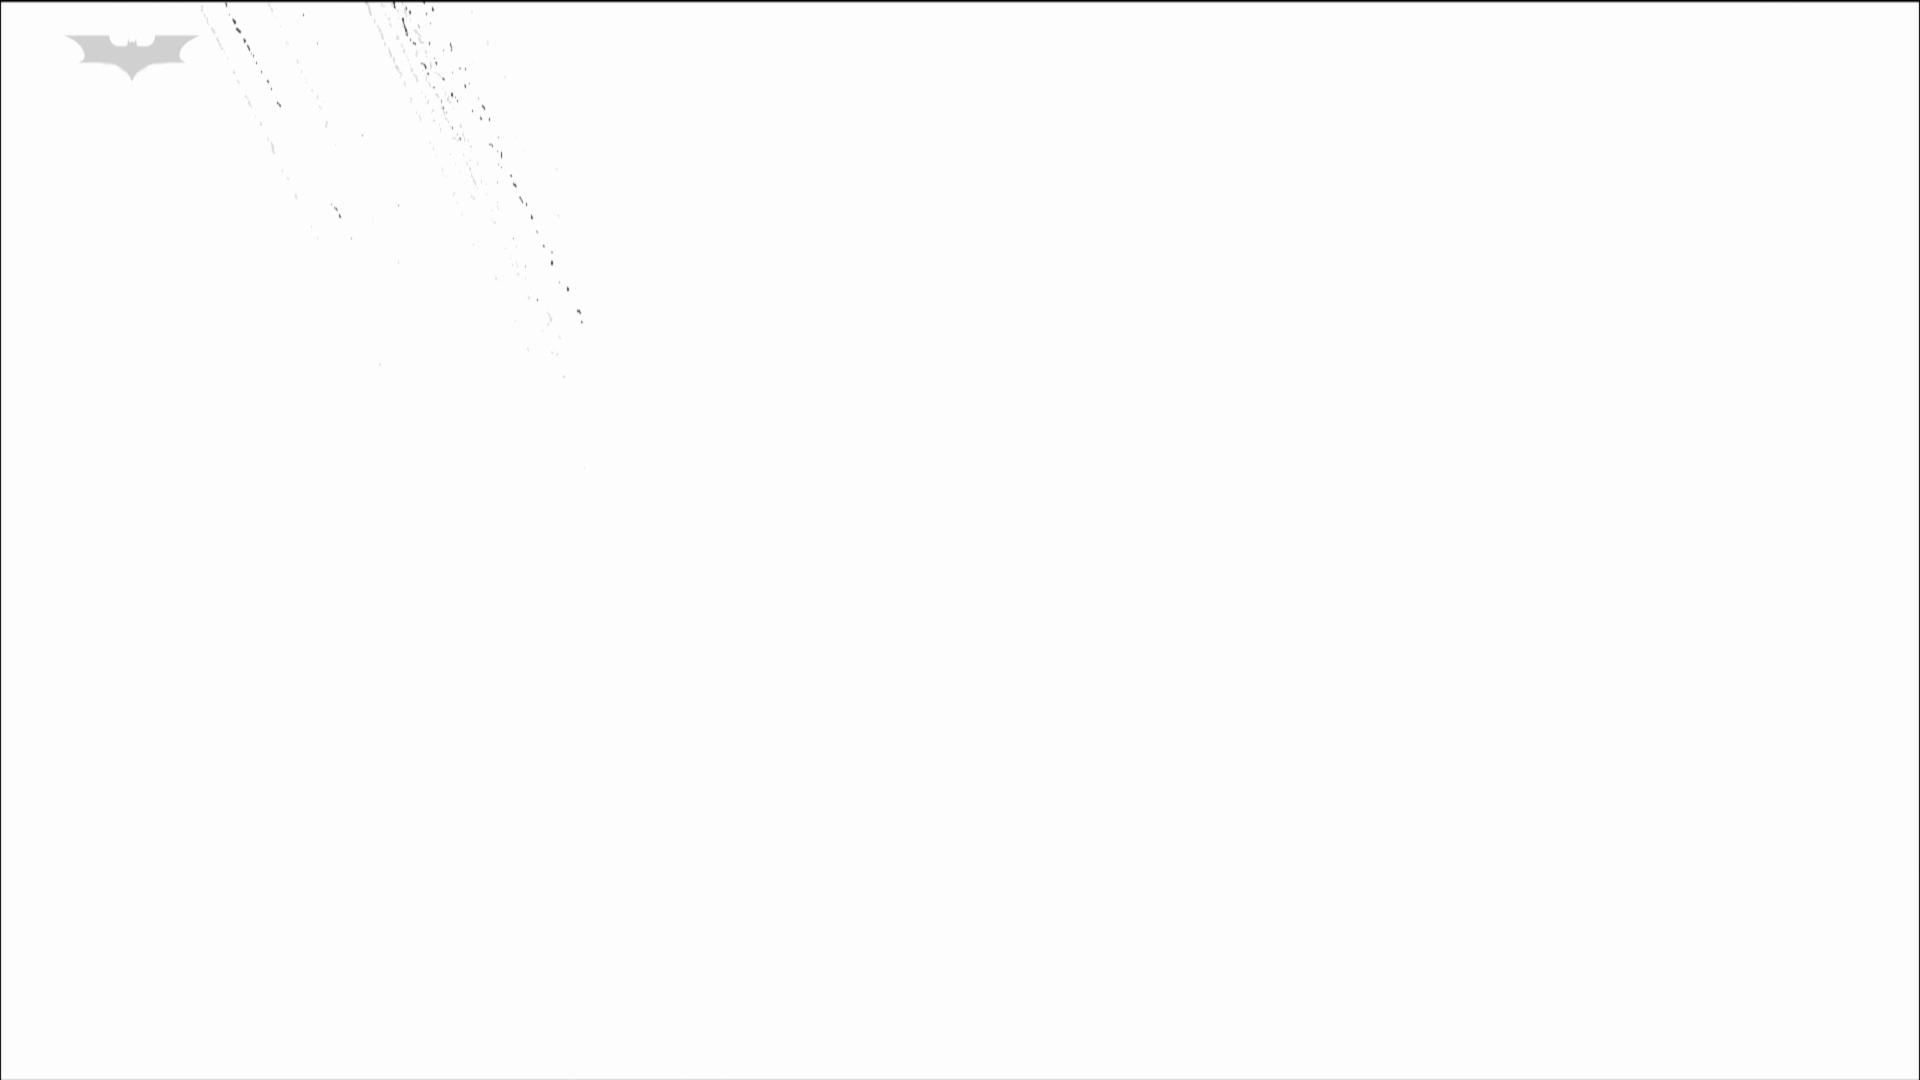 美しい日本の未来 No.11 進歩!【2015・03位】 高画質 すけべAV動画紹介 50画像 29